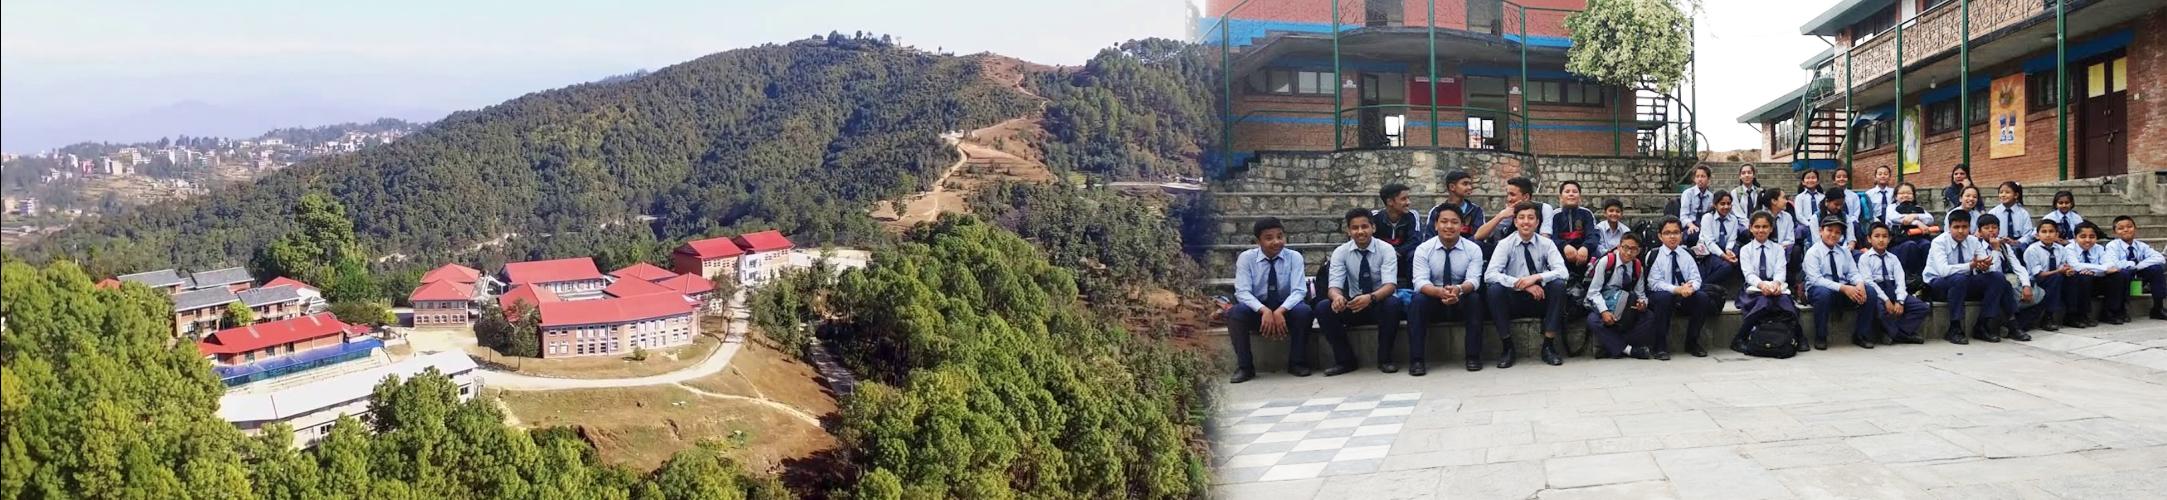 Kathmandu University High School (KUHS)